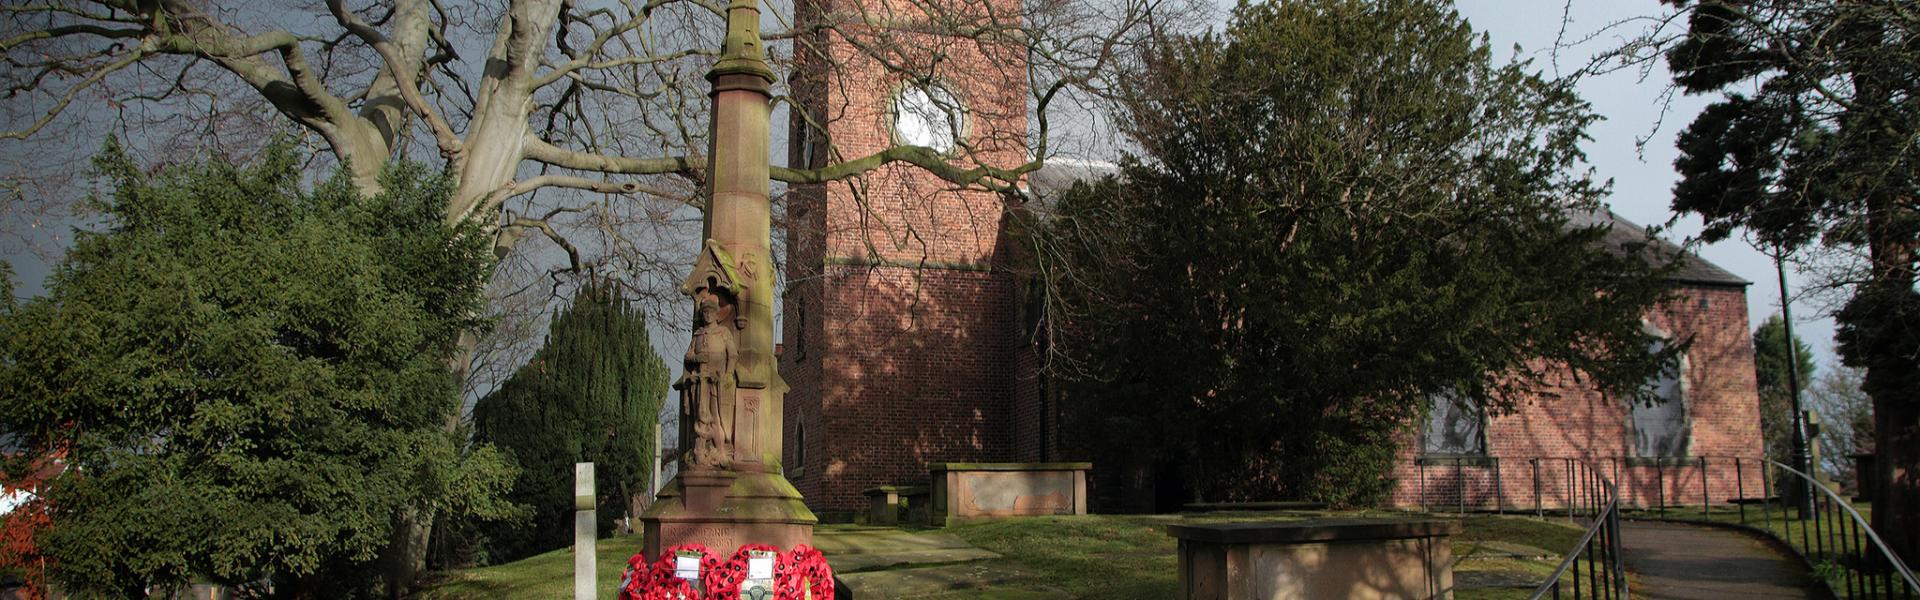 Goostrey Parish Council